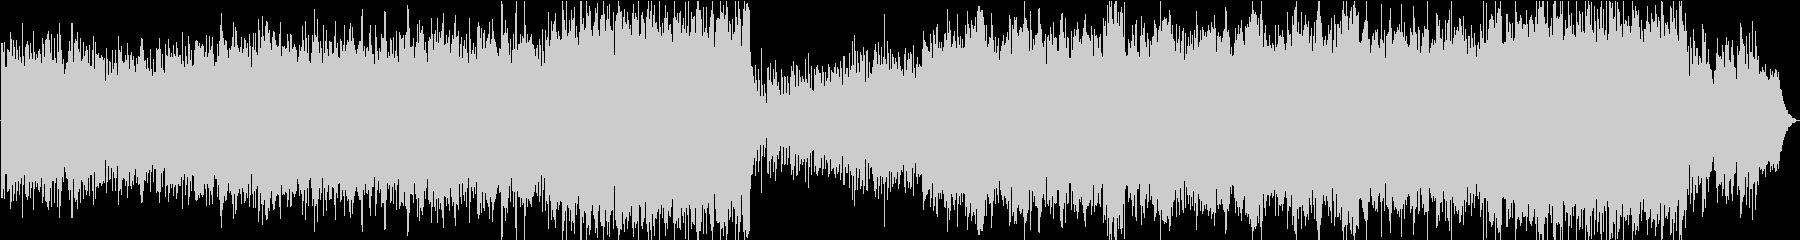 ジブリ風のノスタルジックなマンドリン曲の未再生の波形